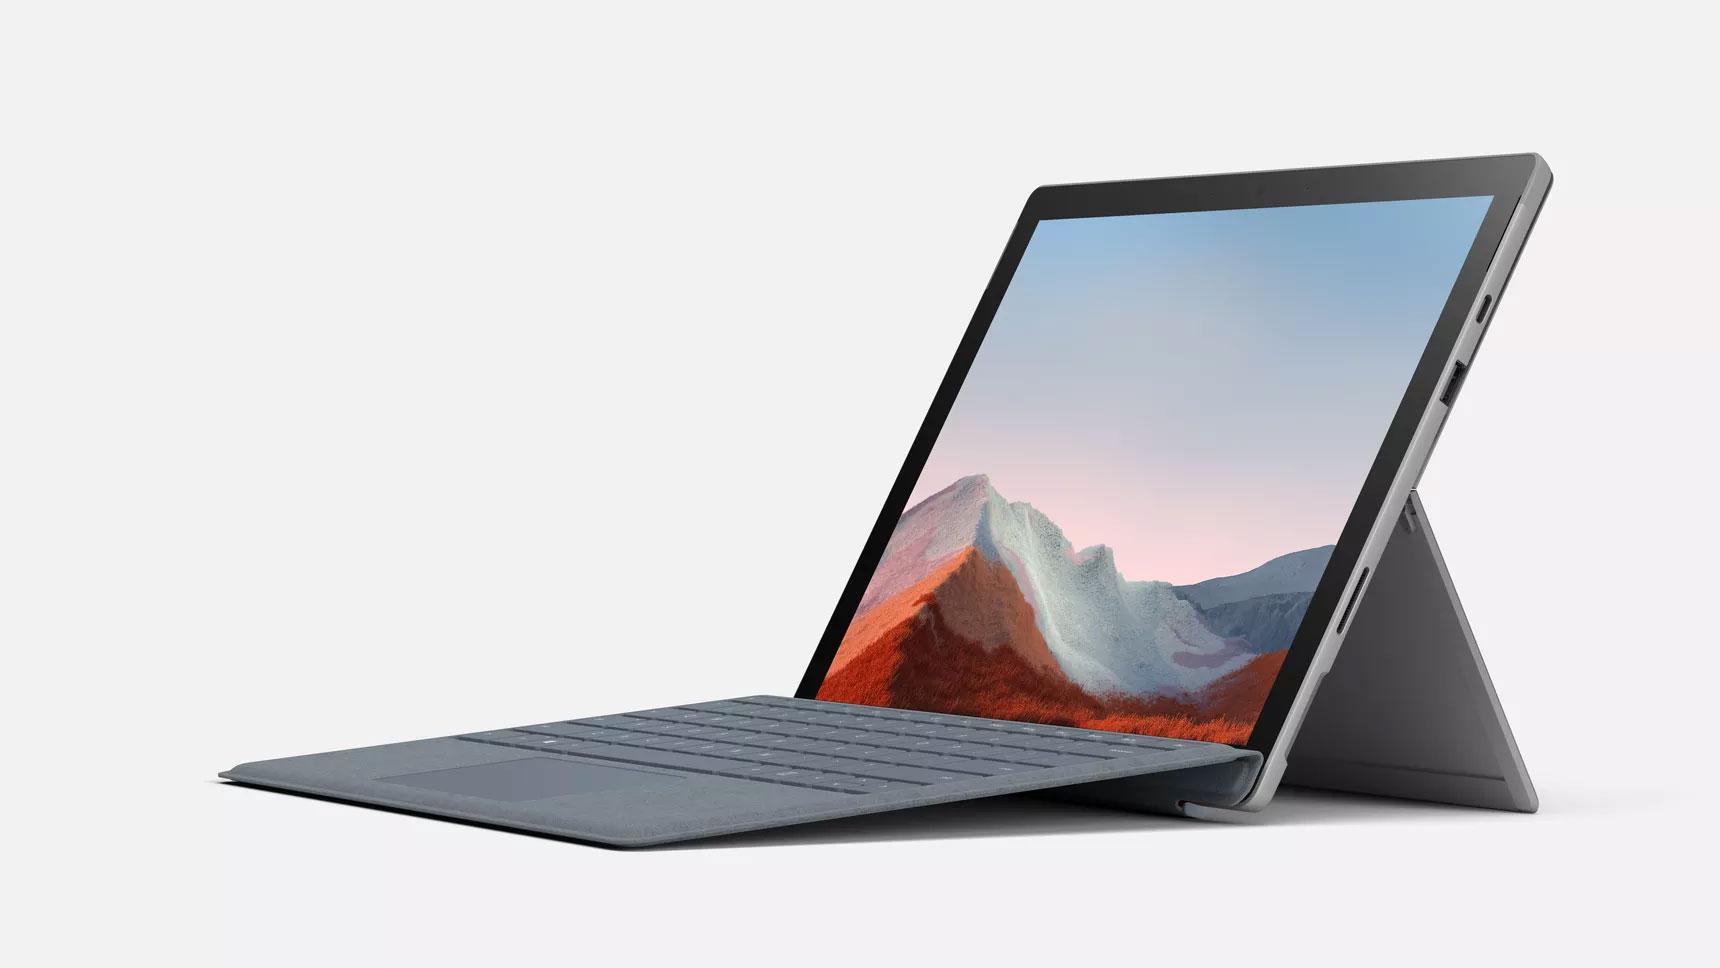 Microsoft Surface Pro 7 Plus máy mạnh, dung lượng pin lớn hiện có giá bán 899 USD - Ảnh 1.